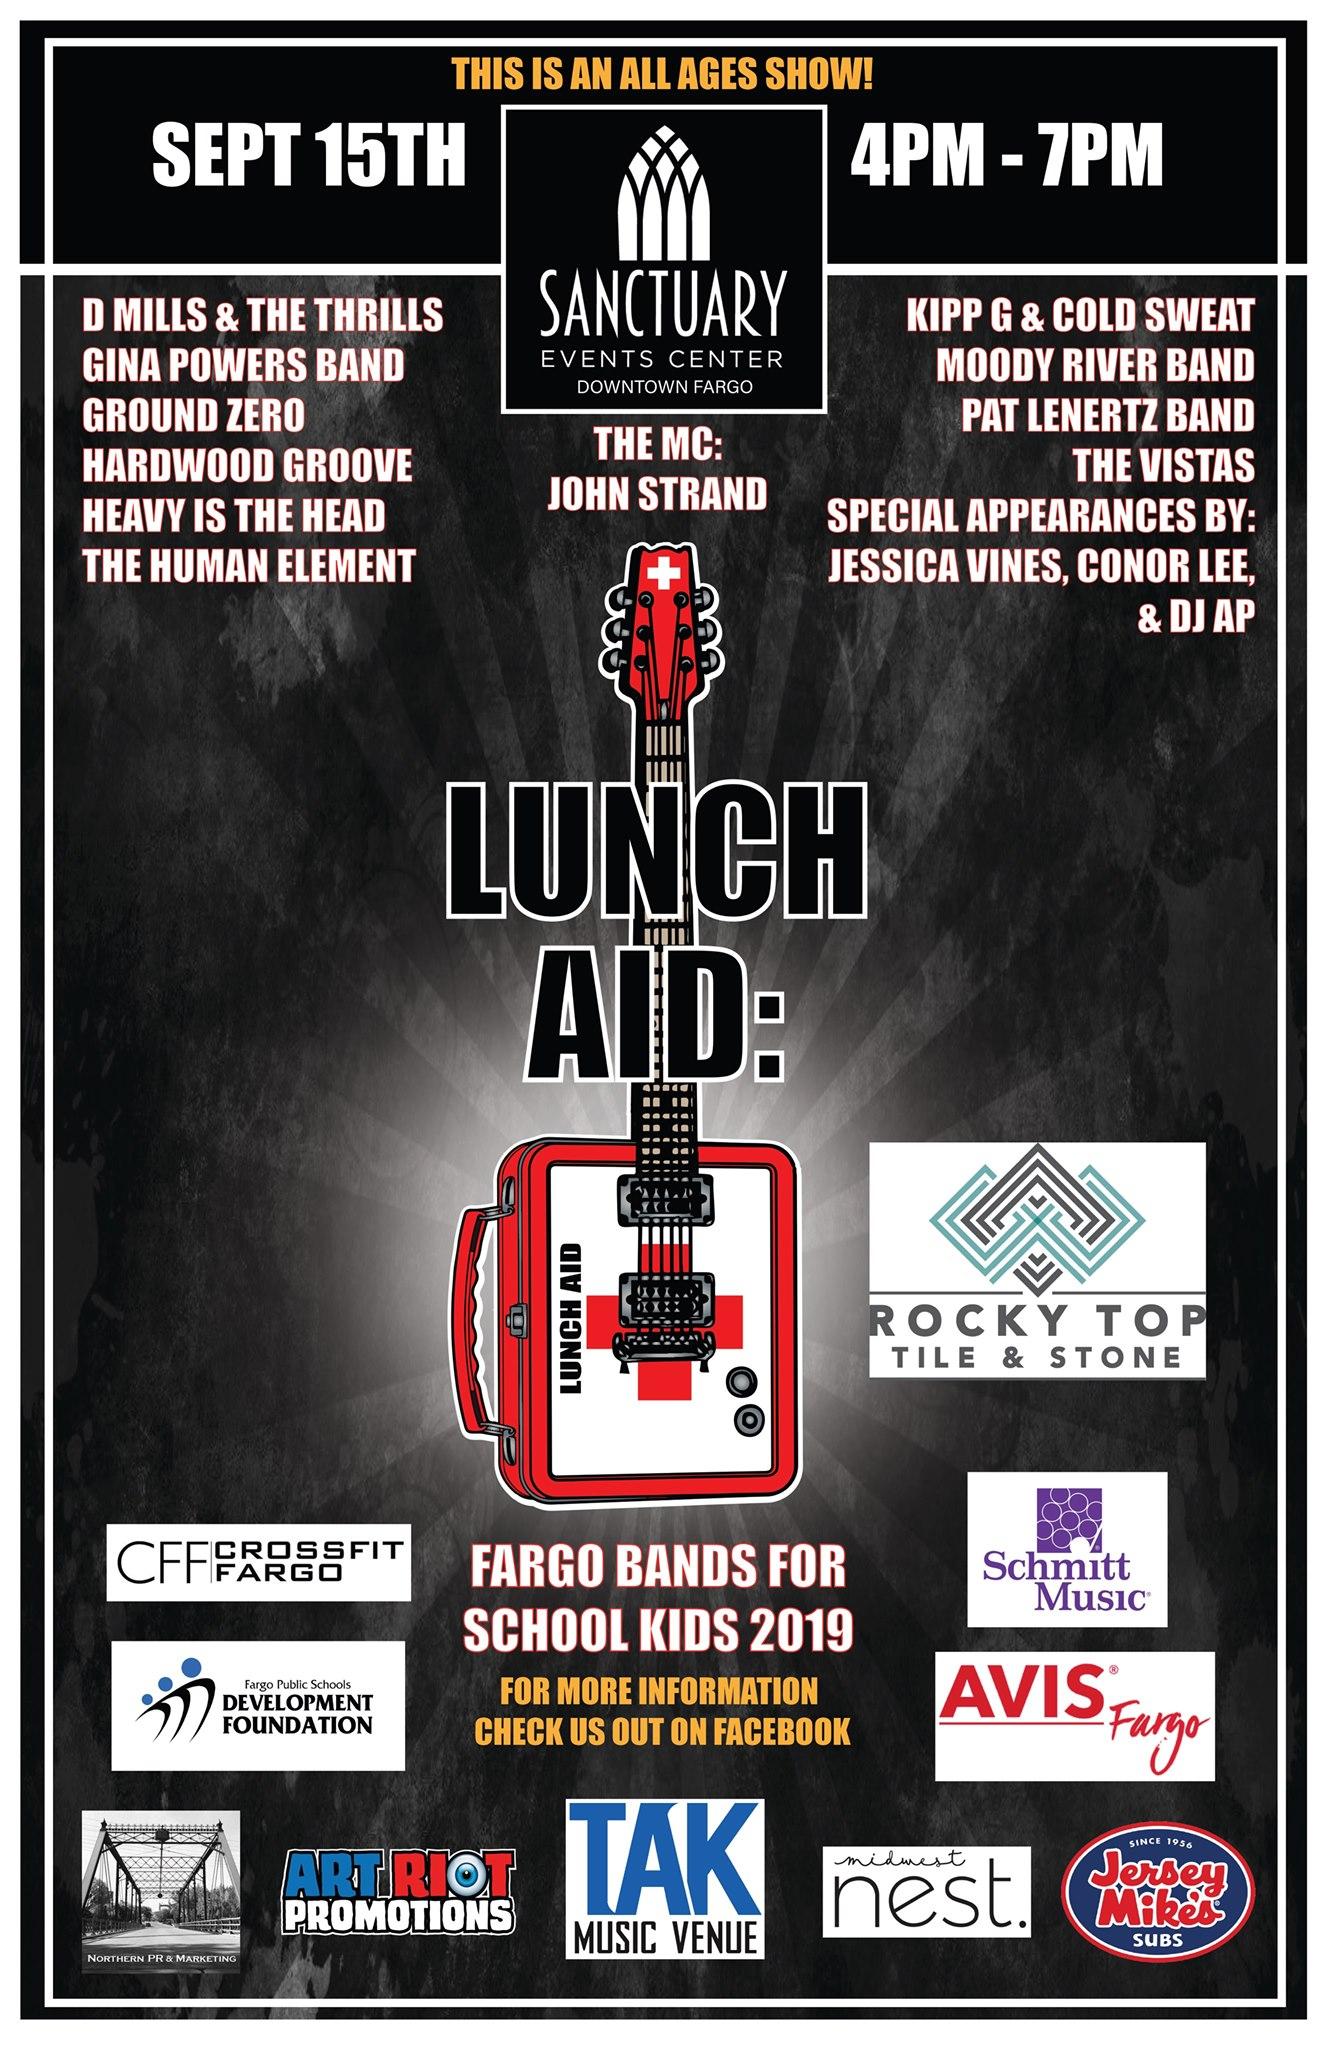 lunch aid.jpg